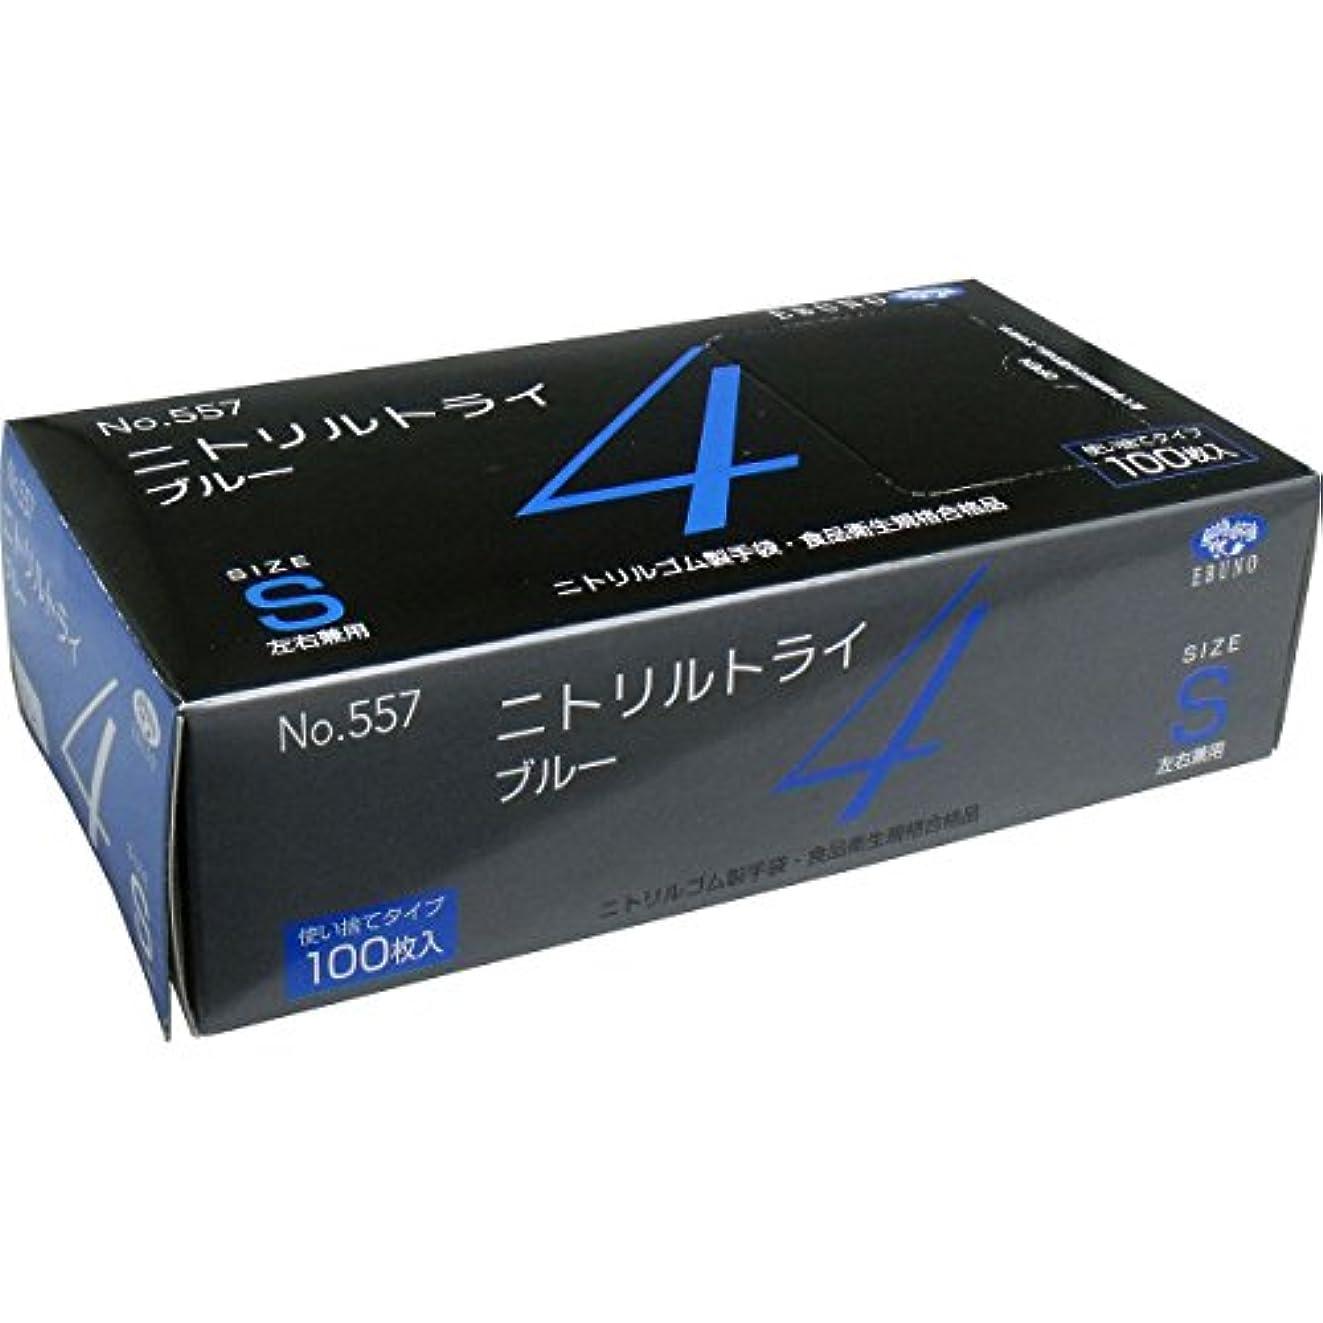 導体誇りに思うアナリストニトリルトライ4 №557 ブルー 粉付 Sサイズ 100枚入